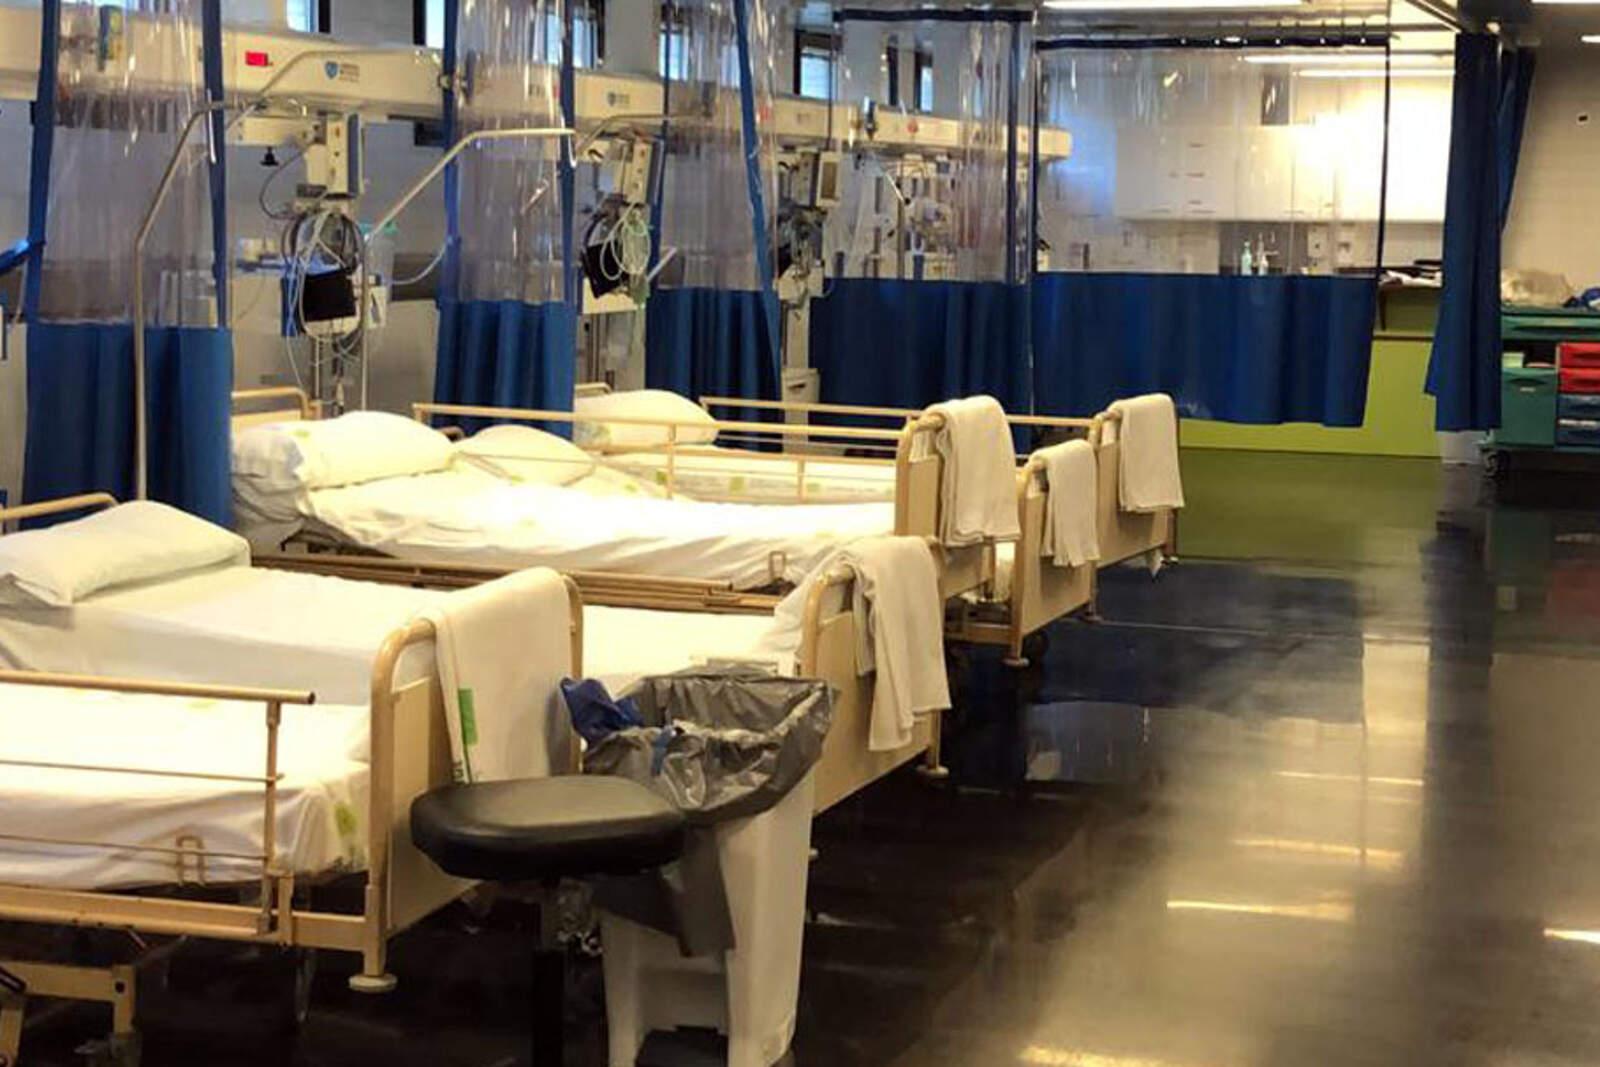 Pla general de llits de la zona per a pacients crítics amb coronavirus